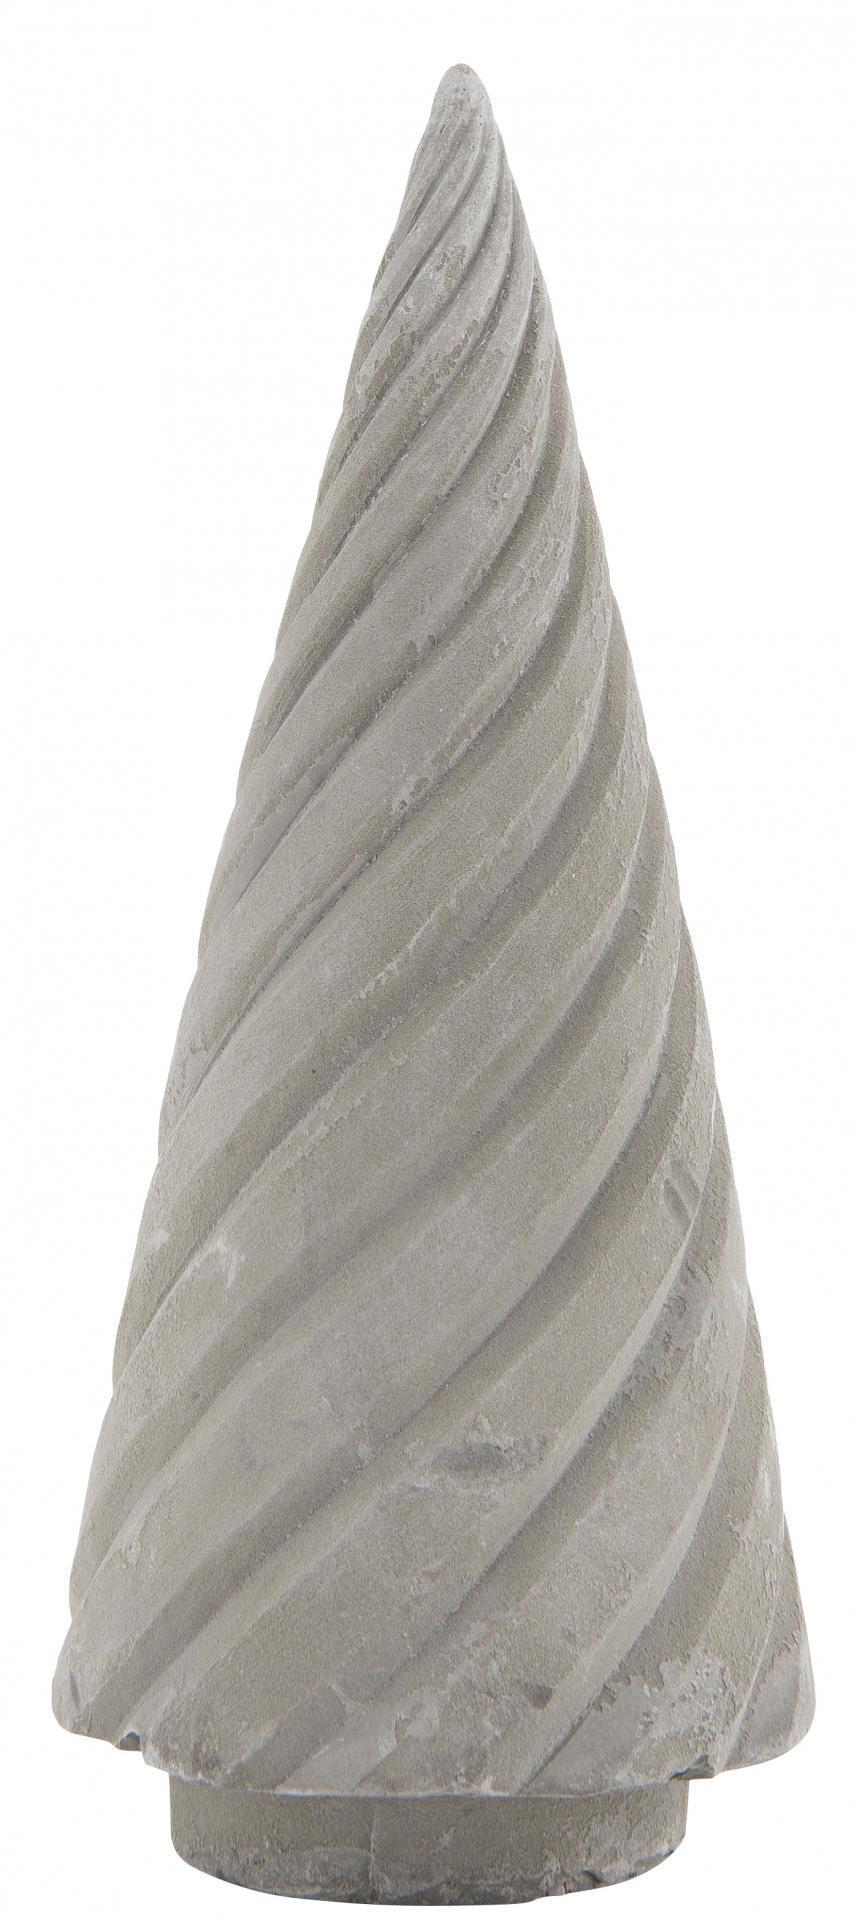 IB LAURSEN Dekorativní vánoční stromeček Concrete Small, šedá barva, beton